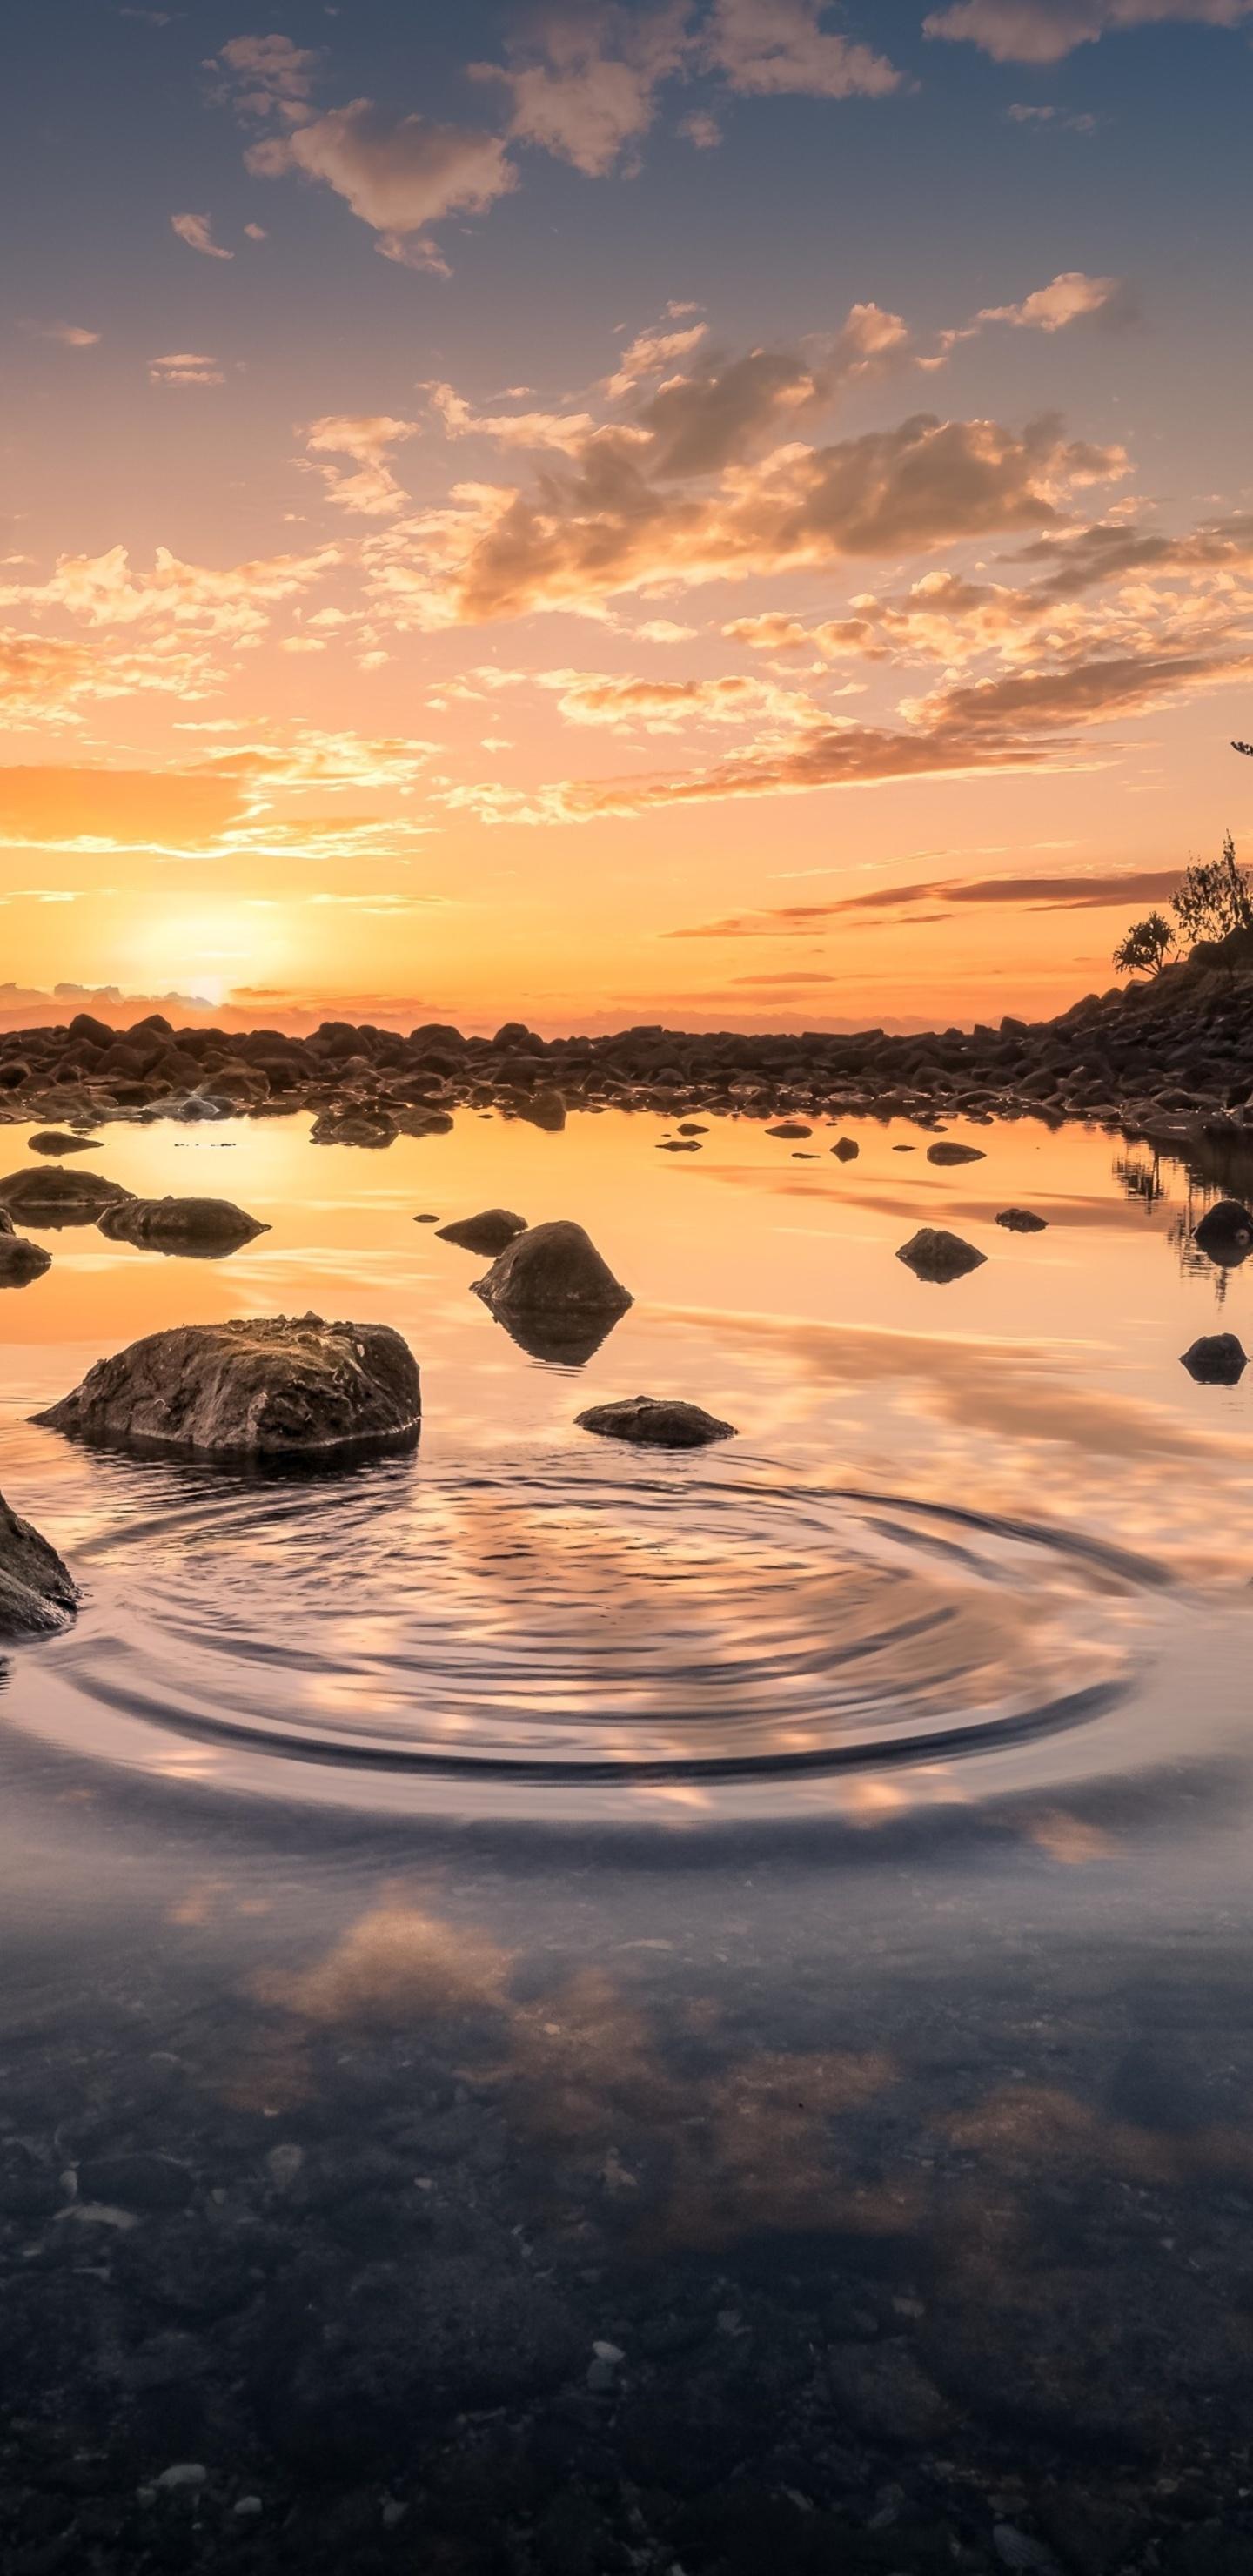 3d Wallpaper S8 1440x2960 Sky Scenic Landscape Water Reflection Rocks